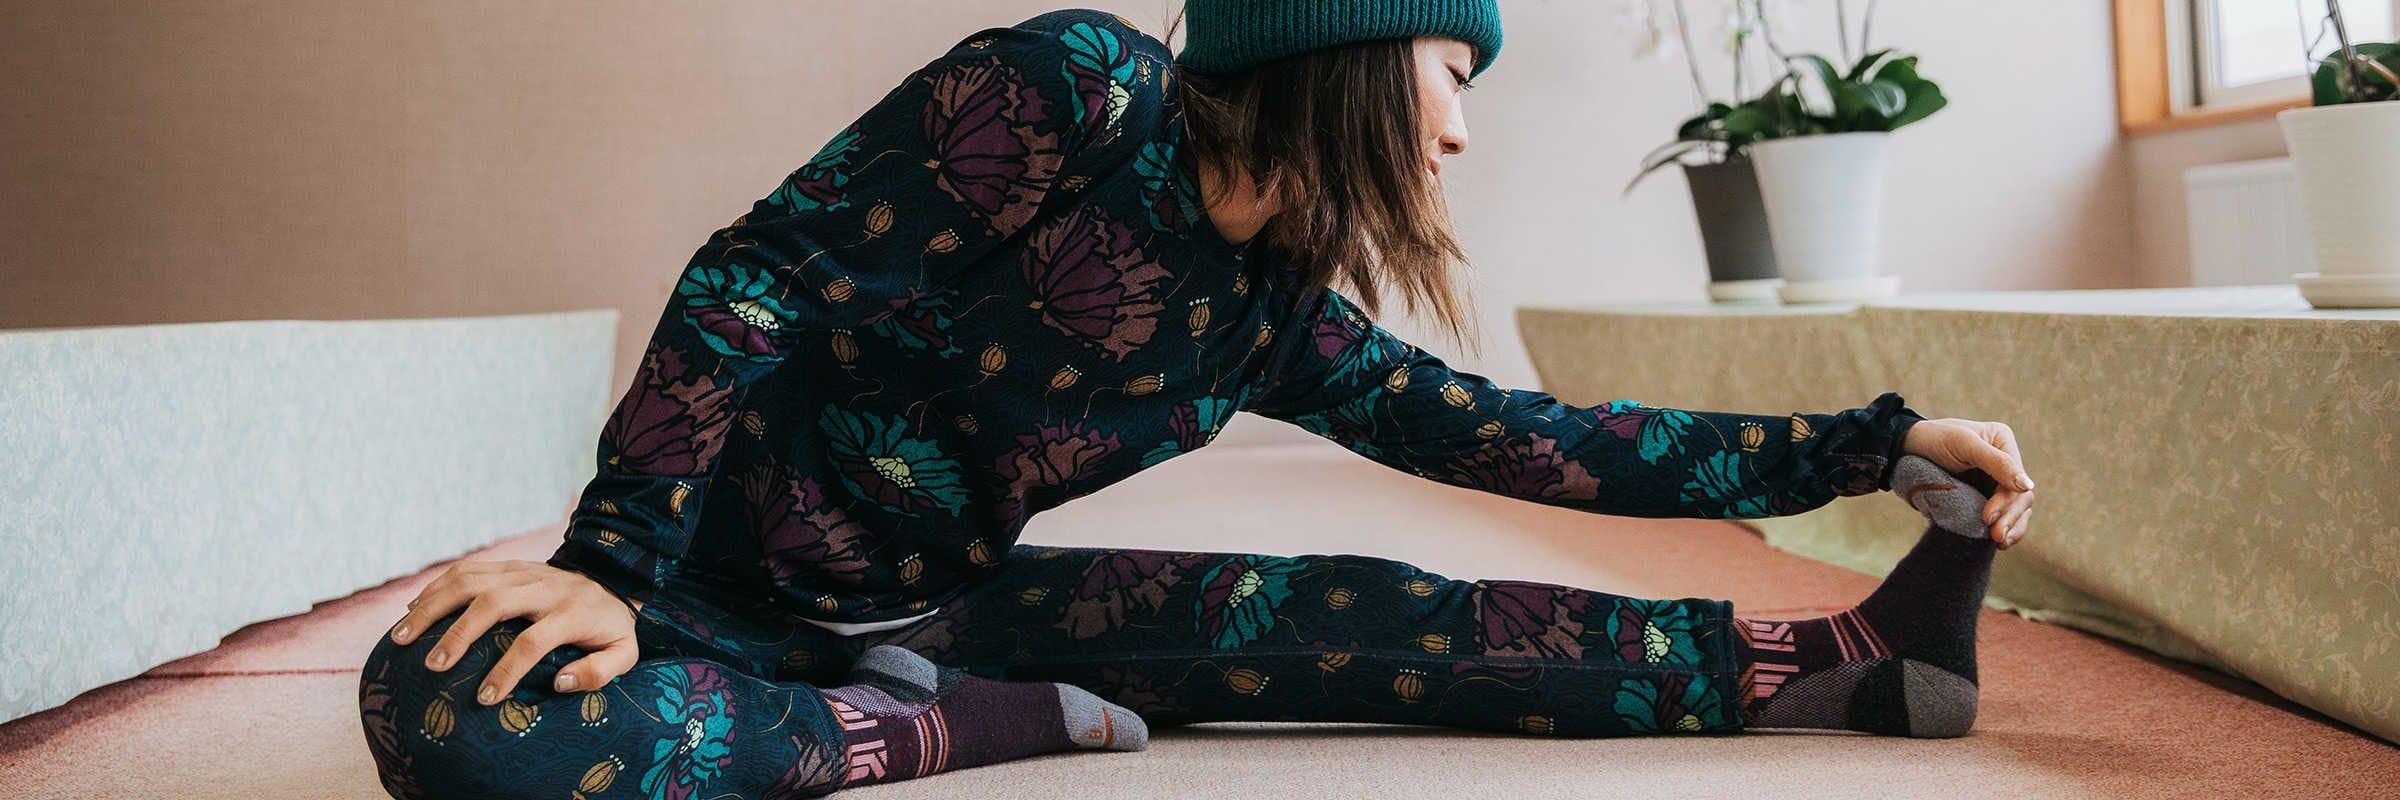 Quelles sont les meilleures chaussettes pour l'hiver?